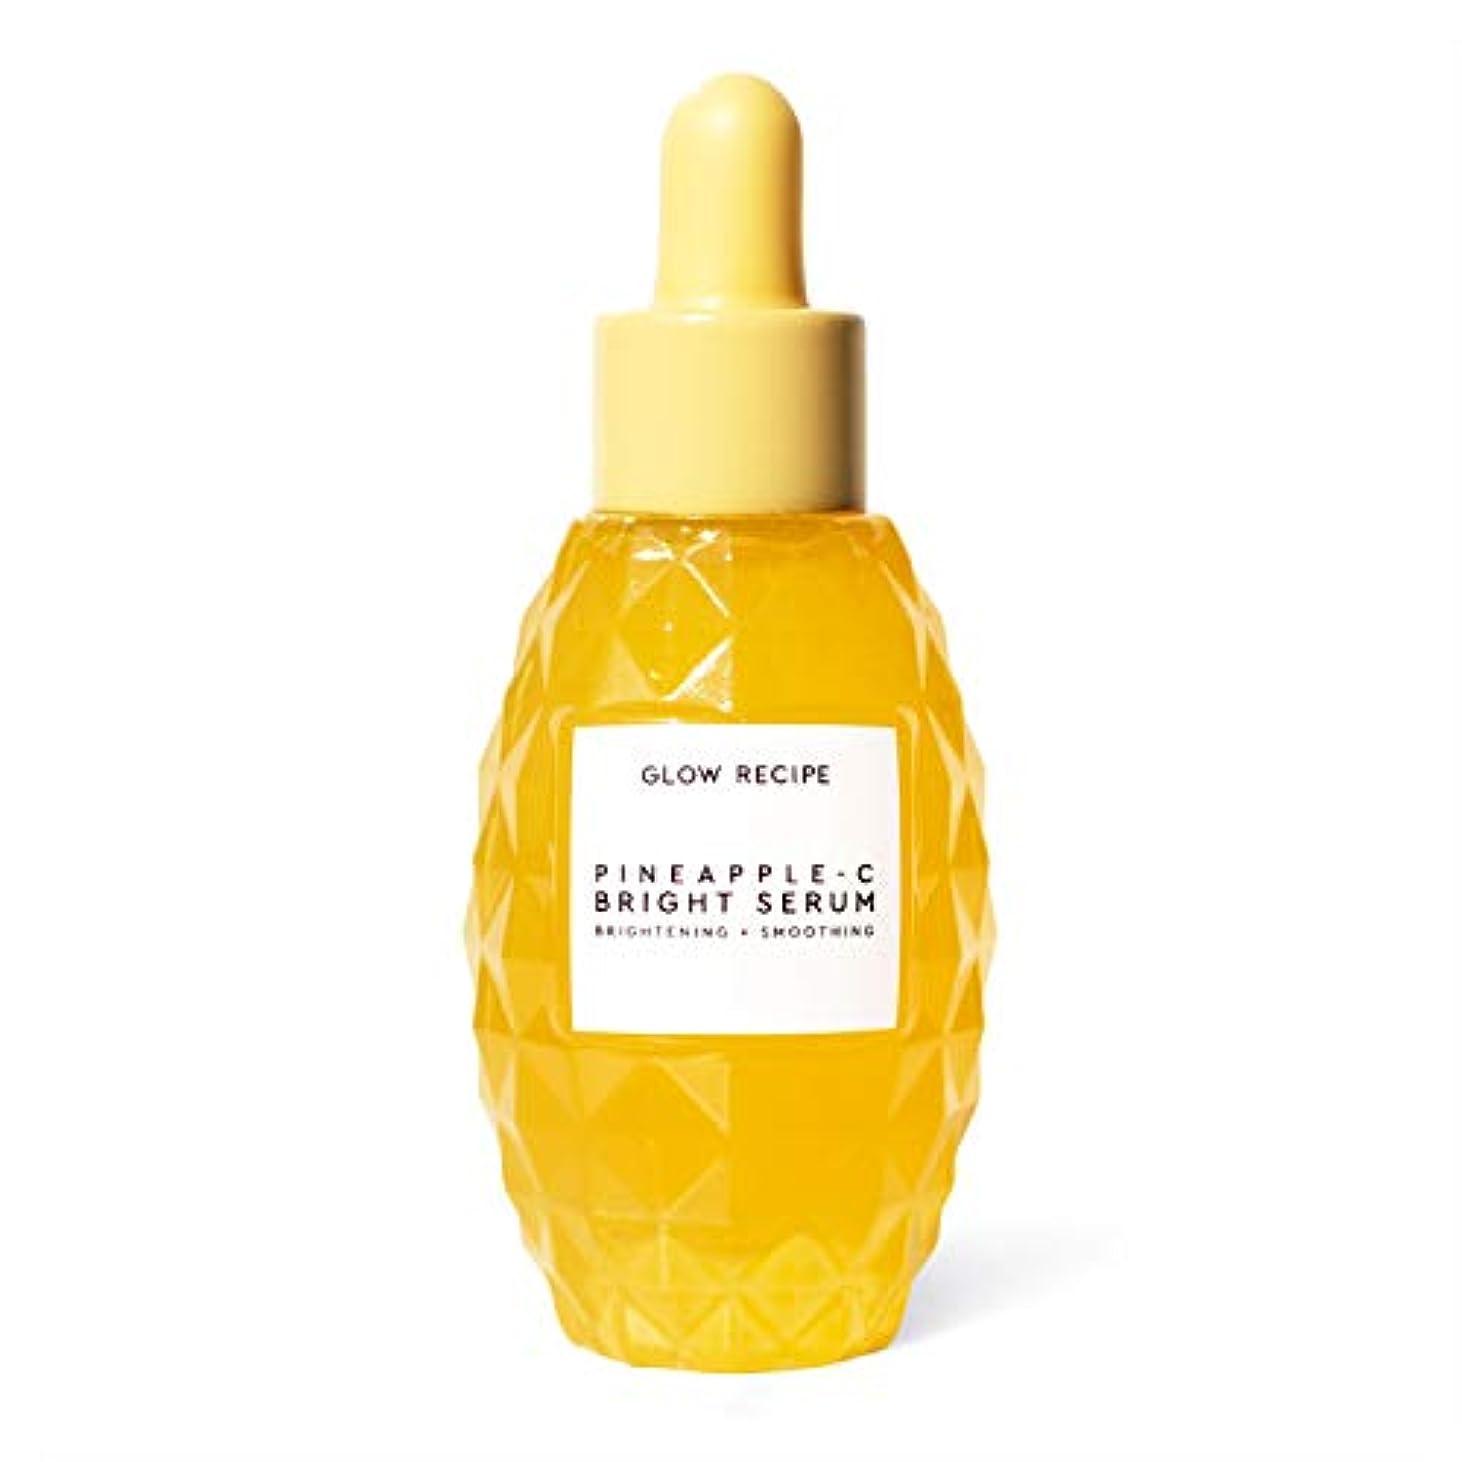 解く一般化するサポートGlow Recipe Pineapple-C Brightening Serum 1 Fl. Oz/ 30ml グロウレシピ パイナップル シー ブライト二ング セラム